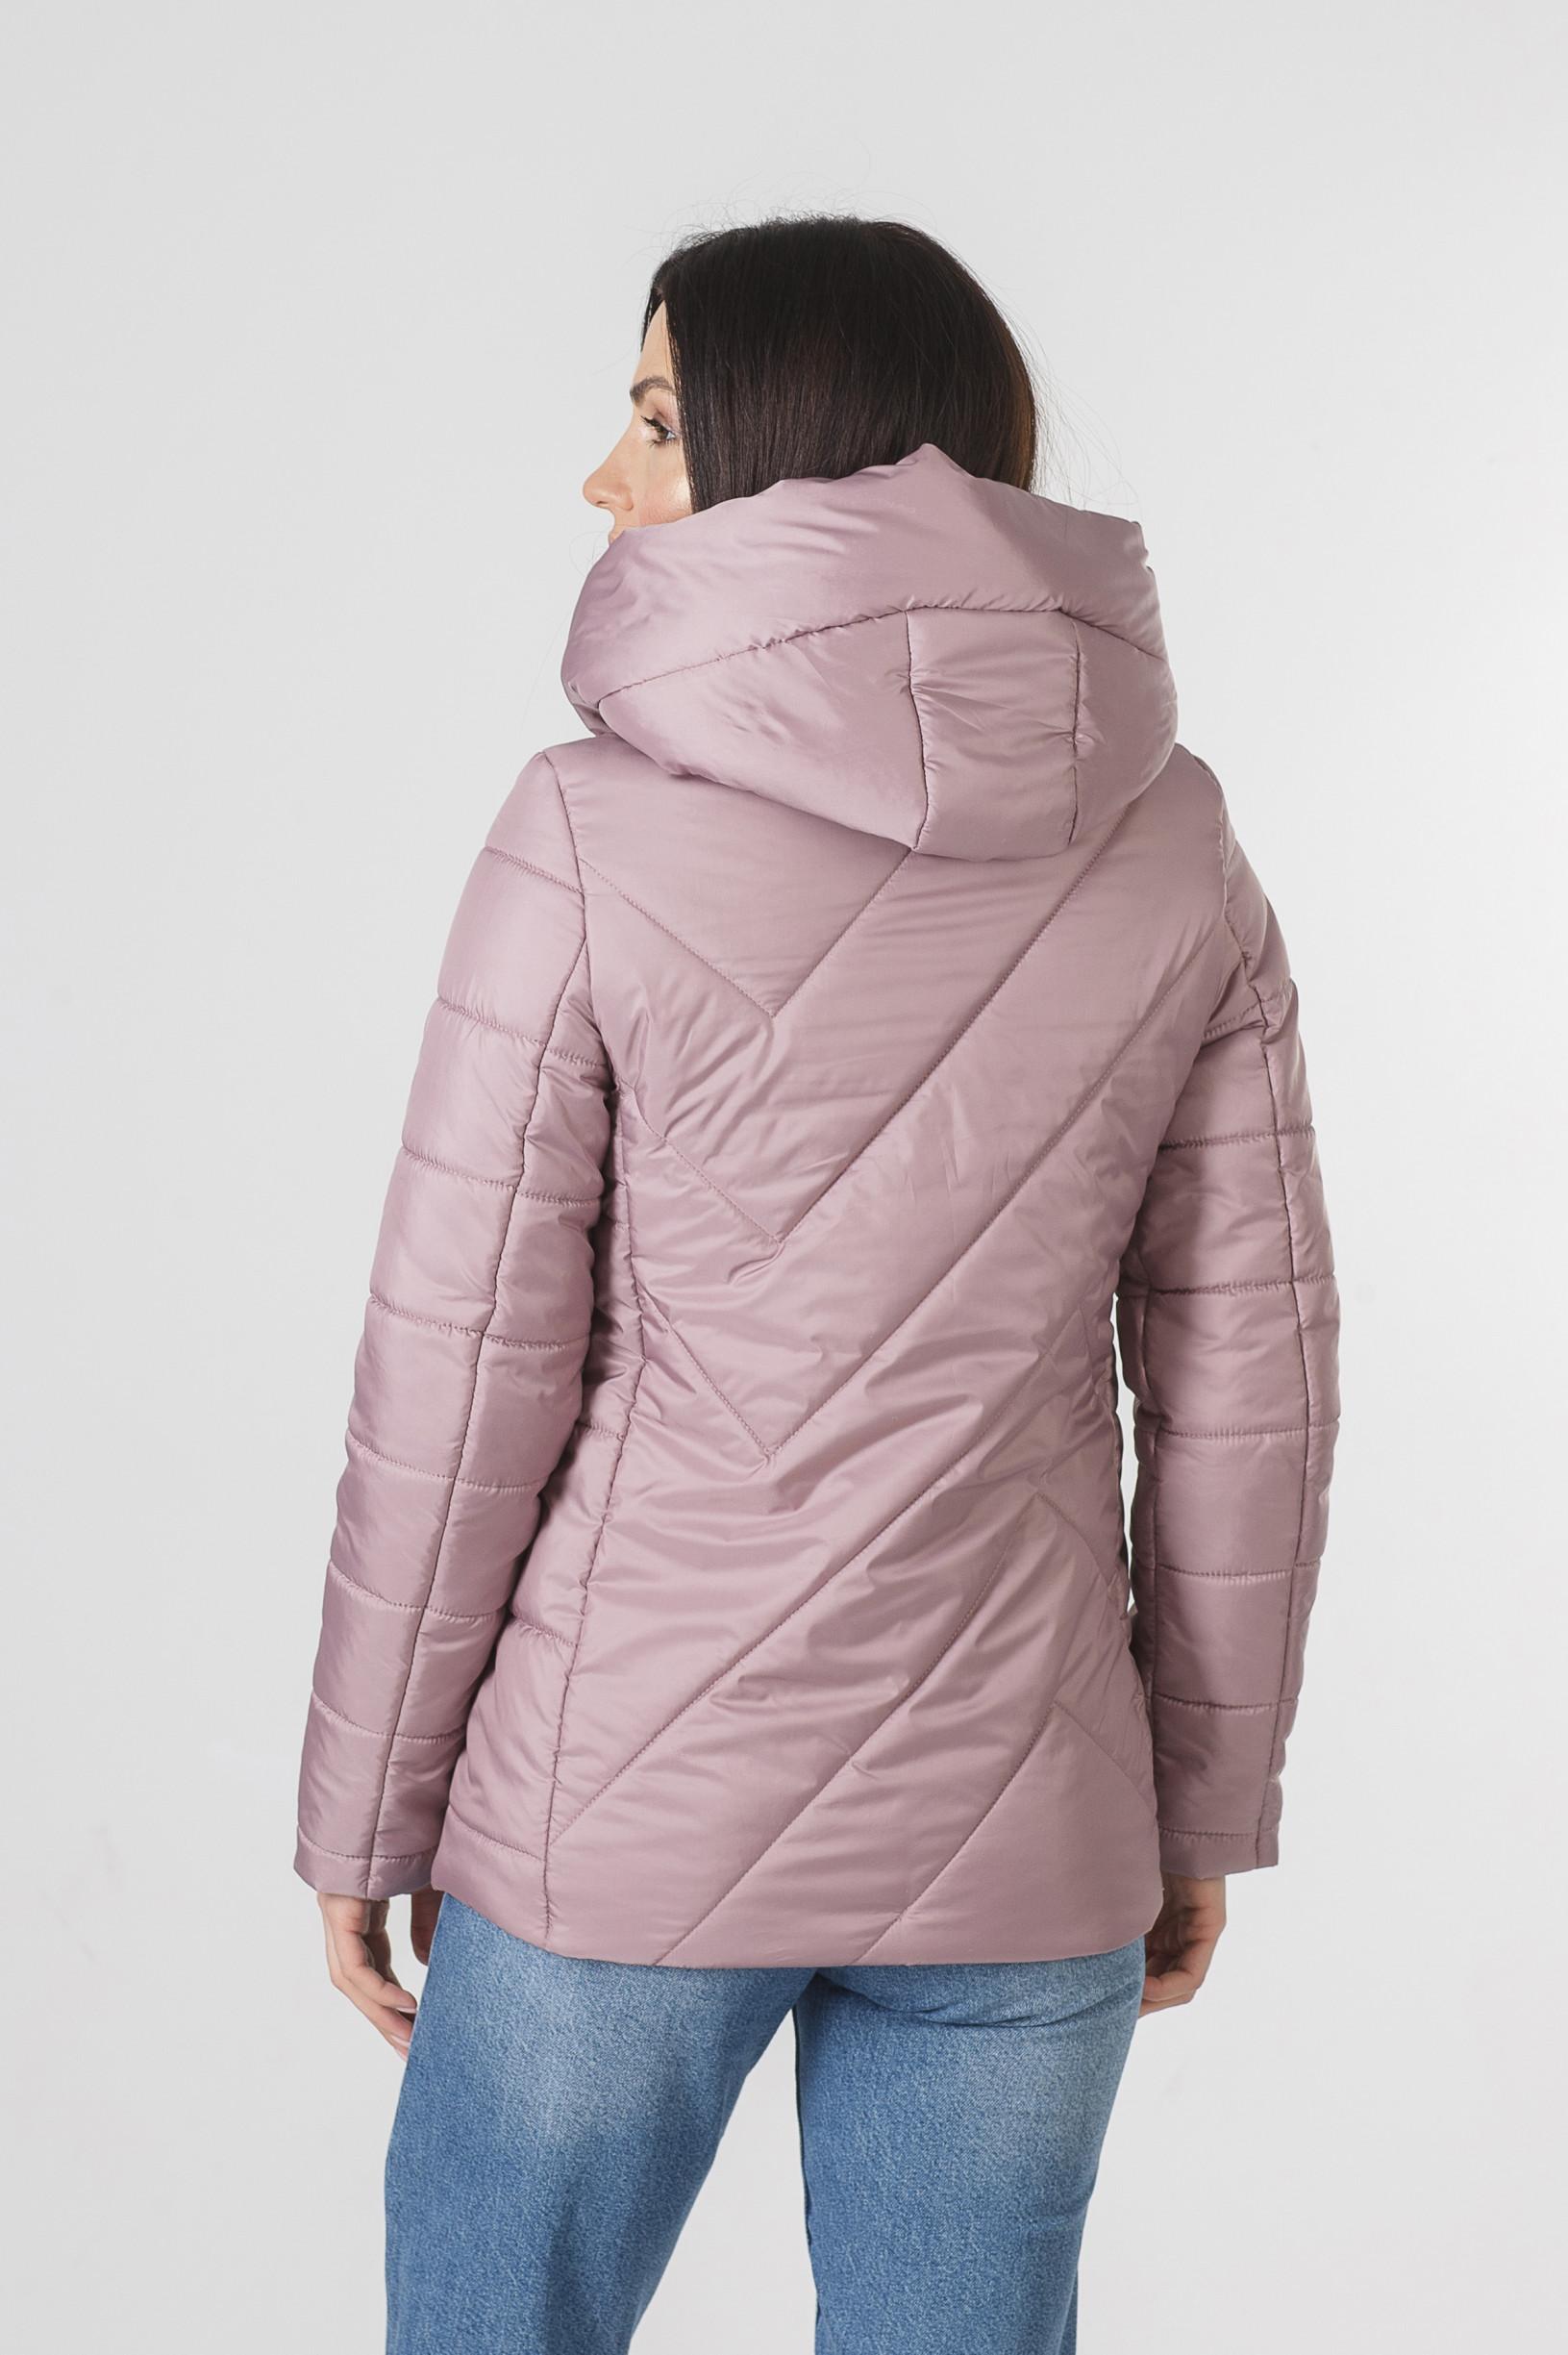 Демисезонная розовая курточка Хайди